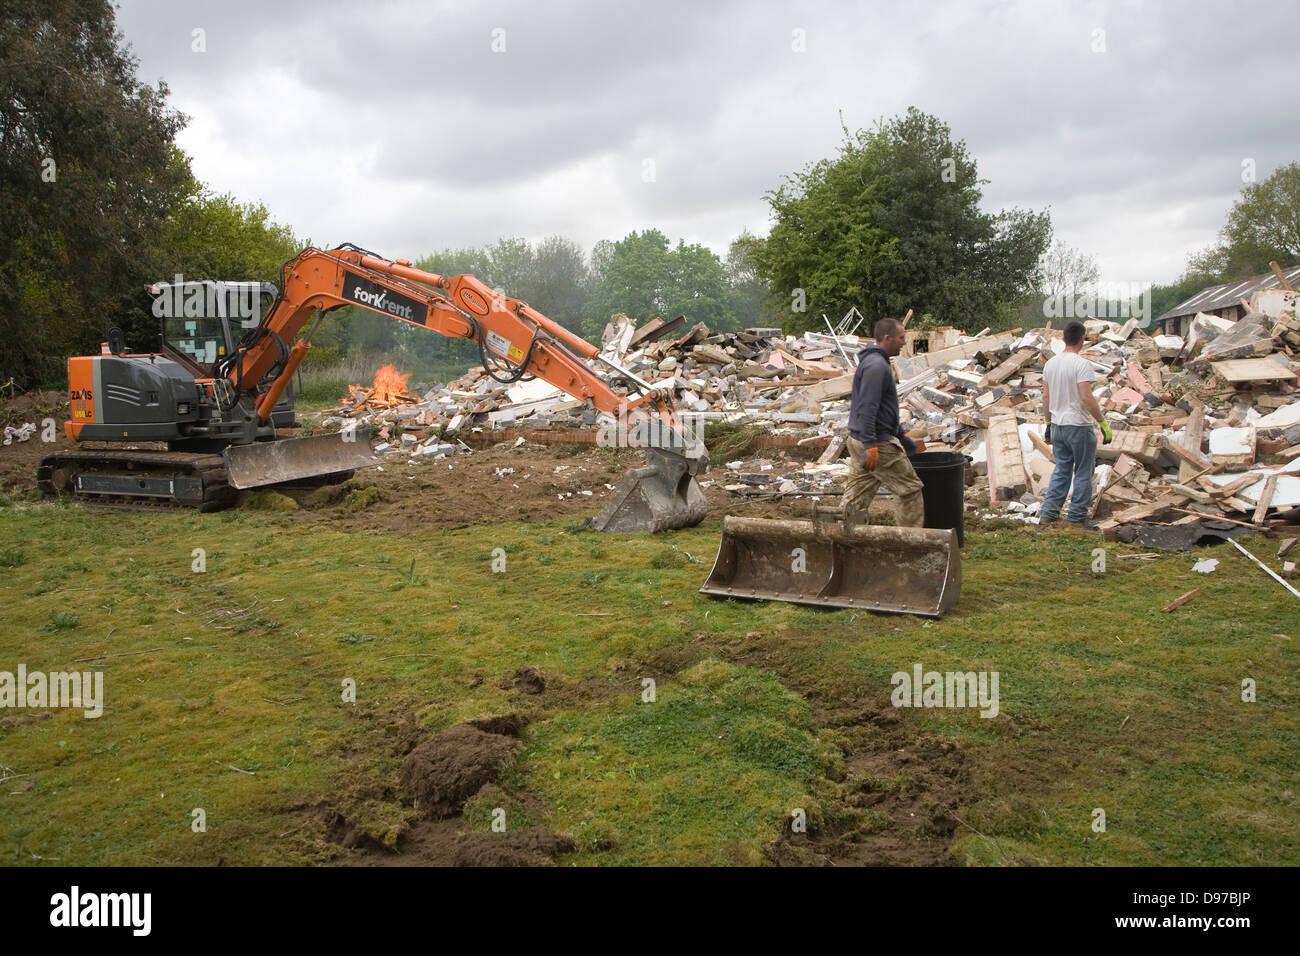 House being demolished, Shottisham, Suffolk, England - Stock Image